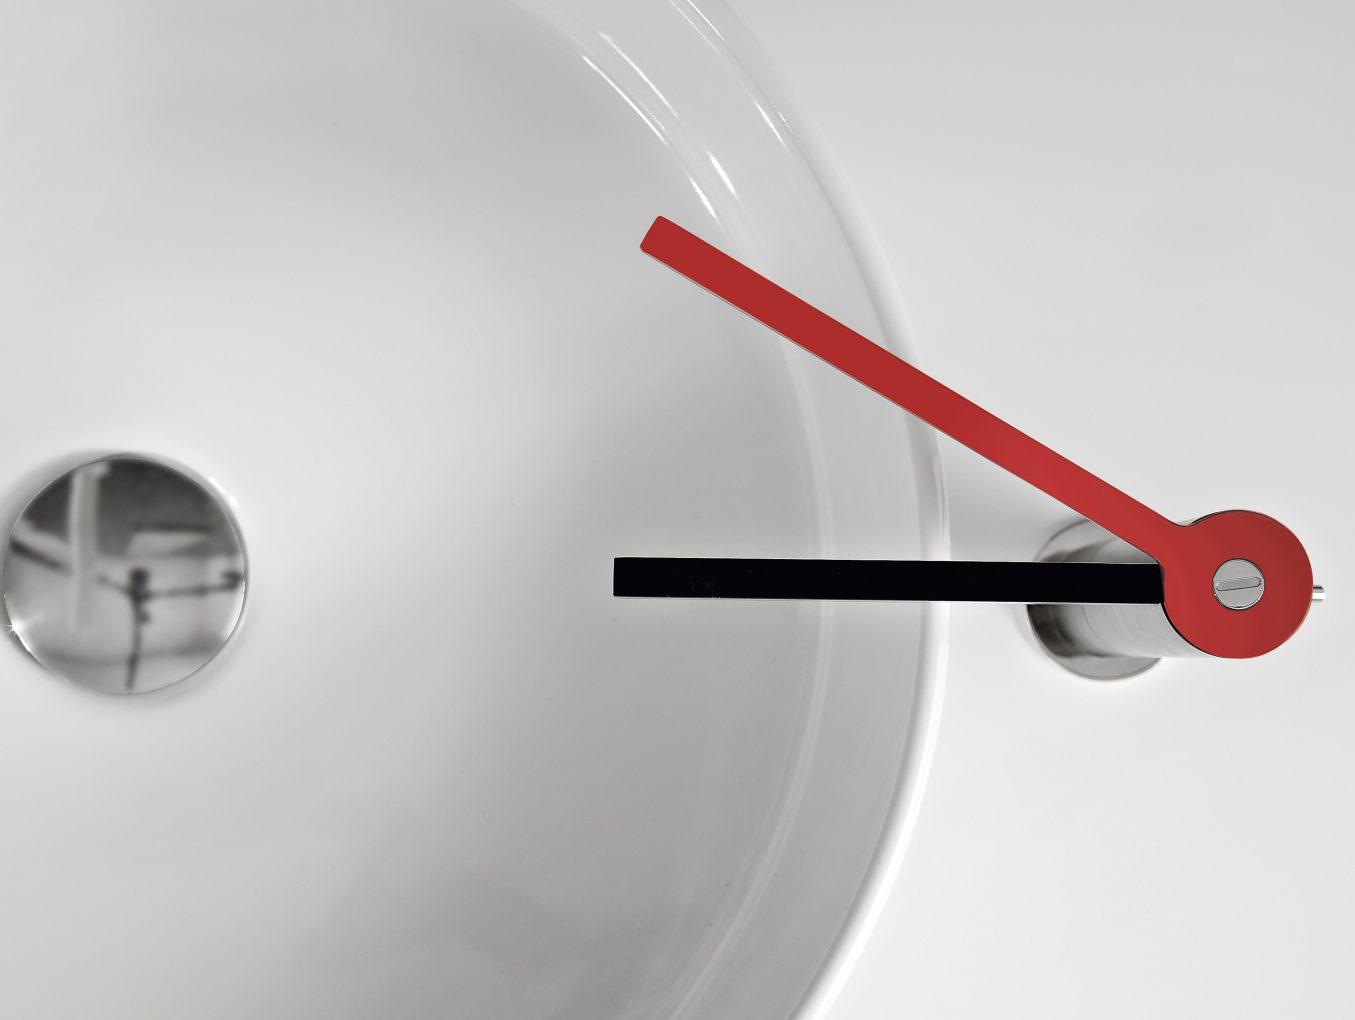 Смесители Time - вода, время, возможности